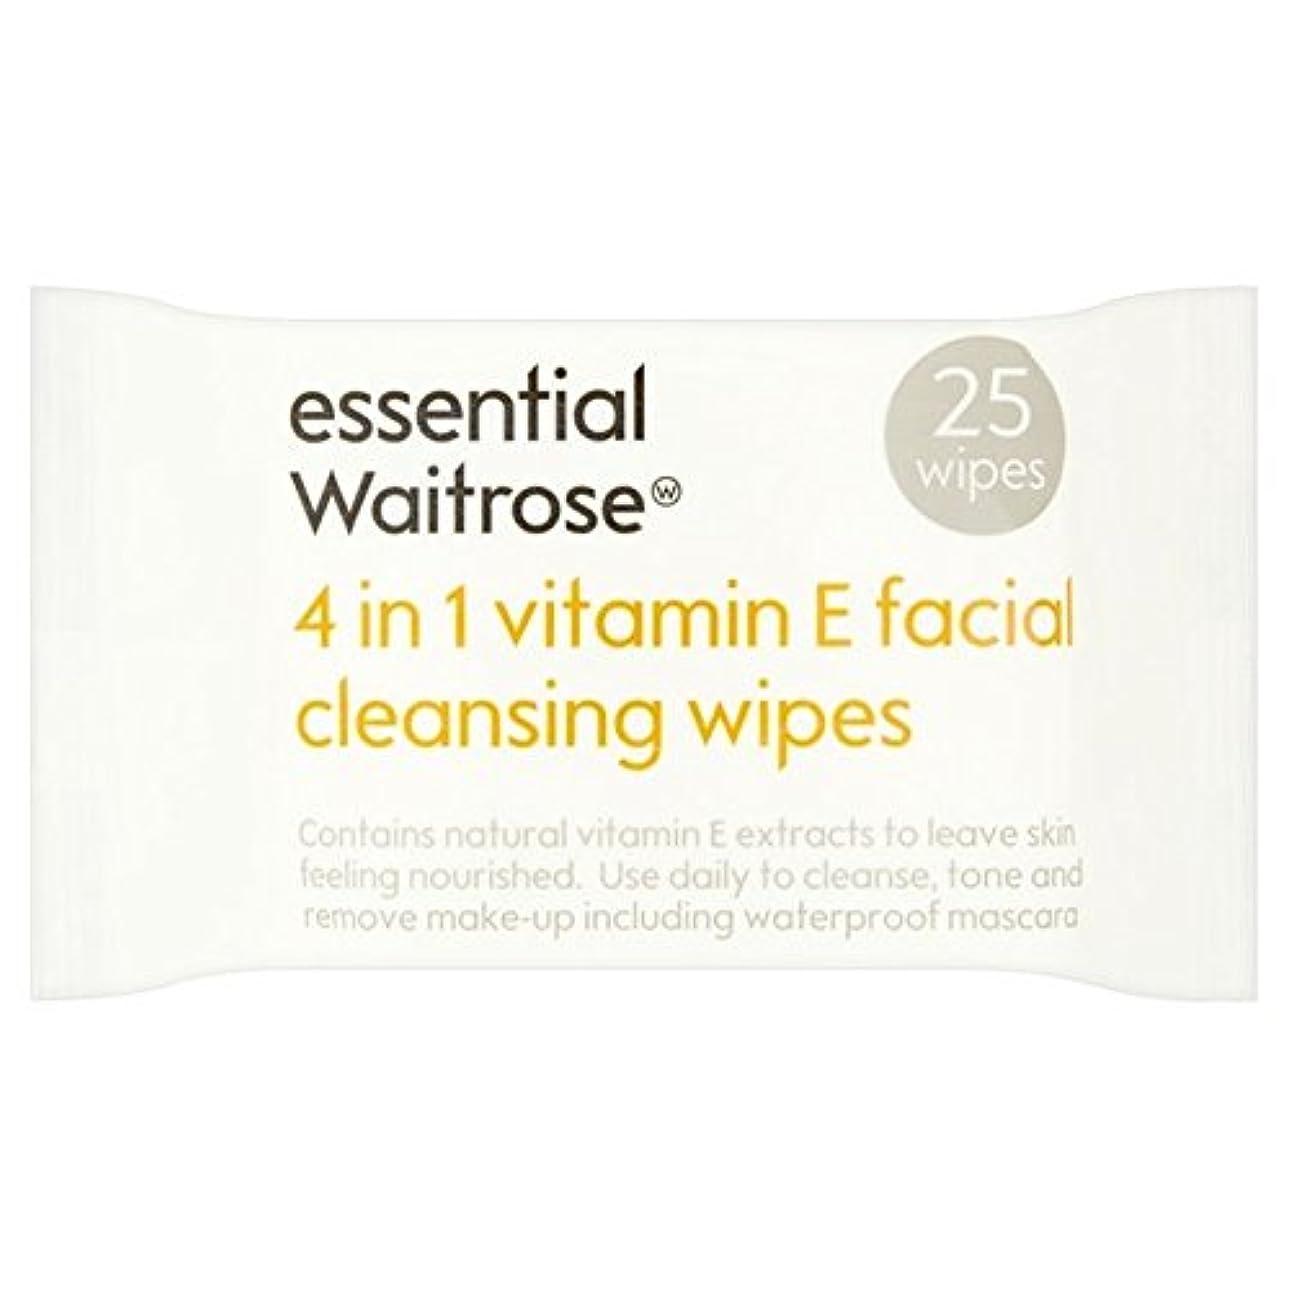 パイルフリル薬Essential 4 in 1 Cleansing Wipes Vitamin E Waitrose 25 per pack - 1つのクレンジングで4不可欠パックあたりのビタミンウェイトローズ25ワイプ [並行輸入品]